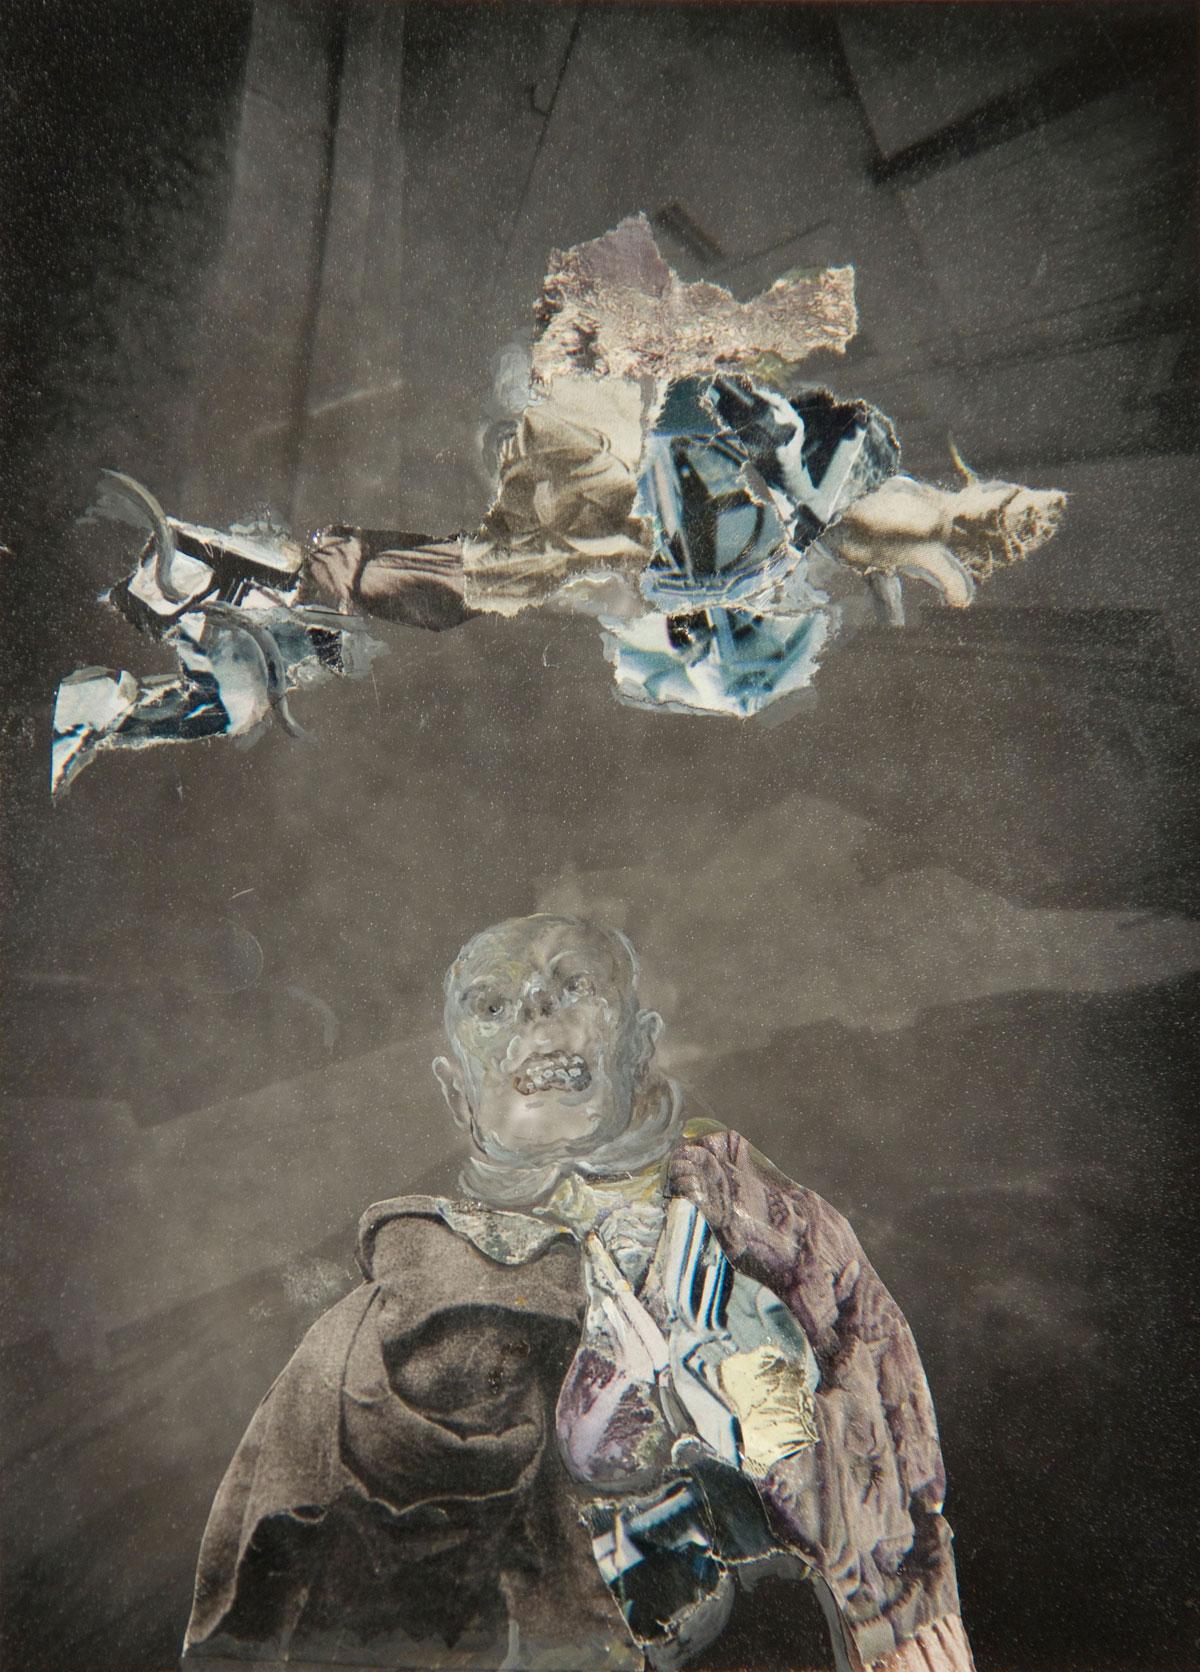 Philippe Briard - Le Vent de l'ombre, 2009, collage acrylique sur stenopé, 12,5 x 7,5 cm